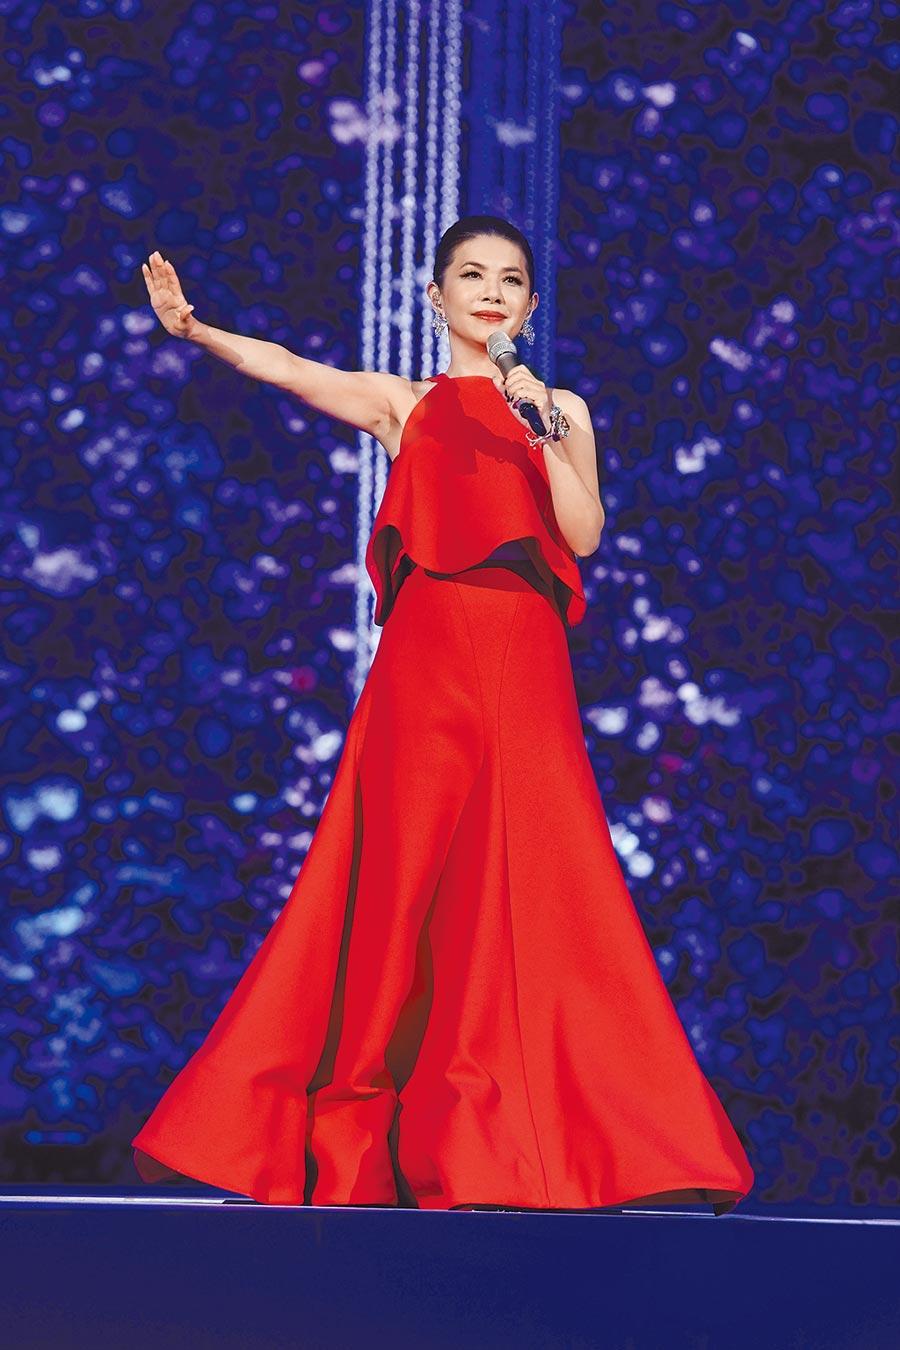 張清芳以高亢嗓音縱橫歌壇30多年。  (資料照片)